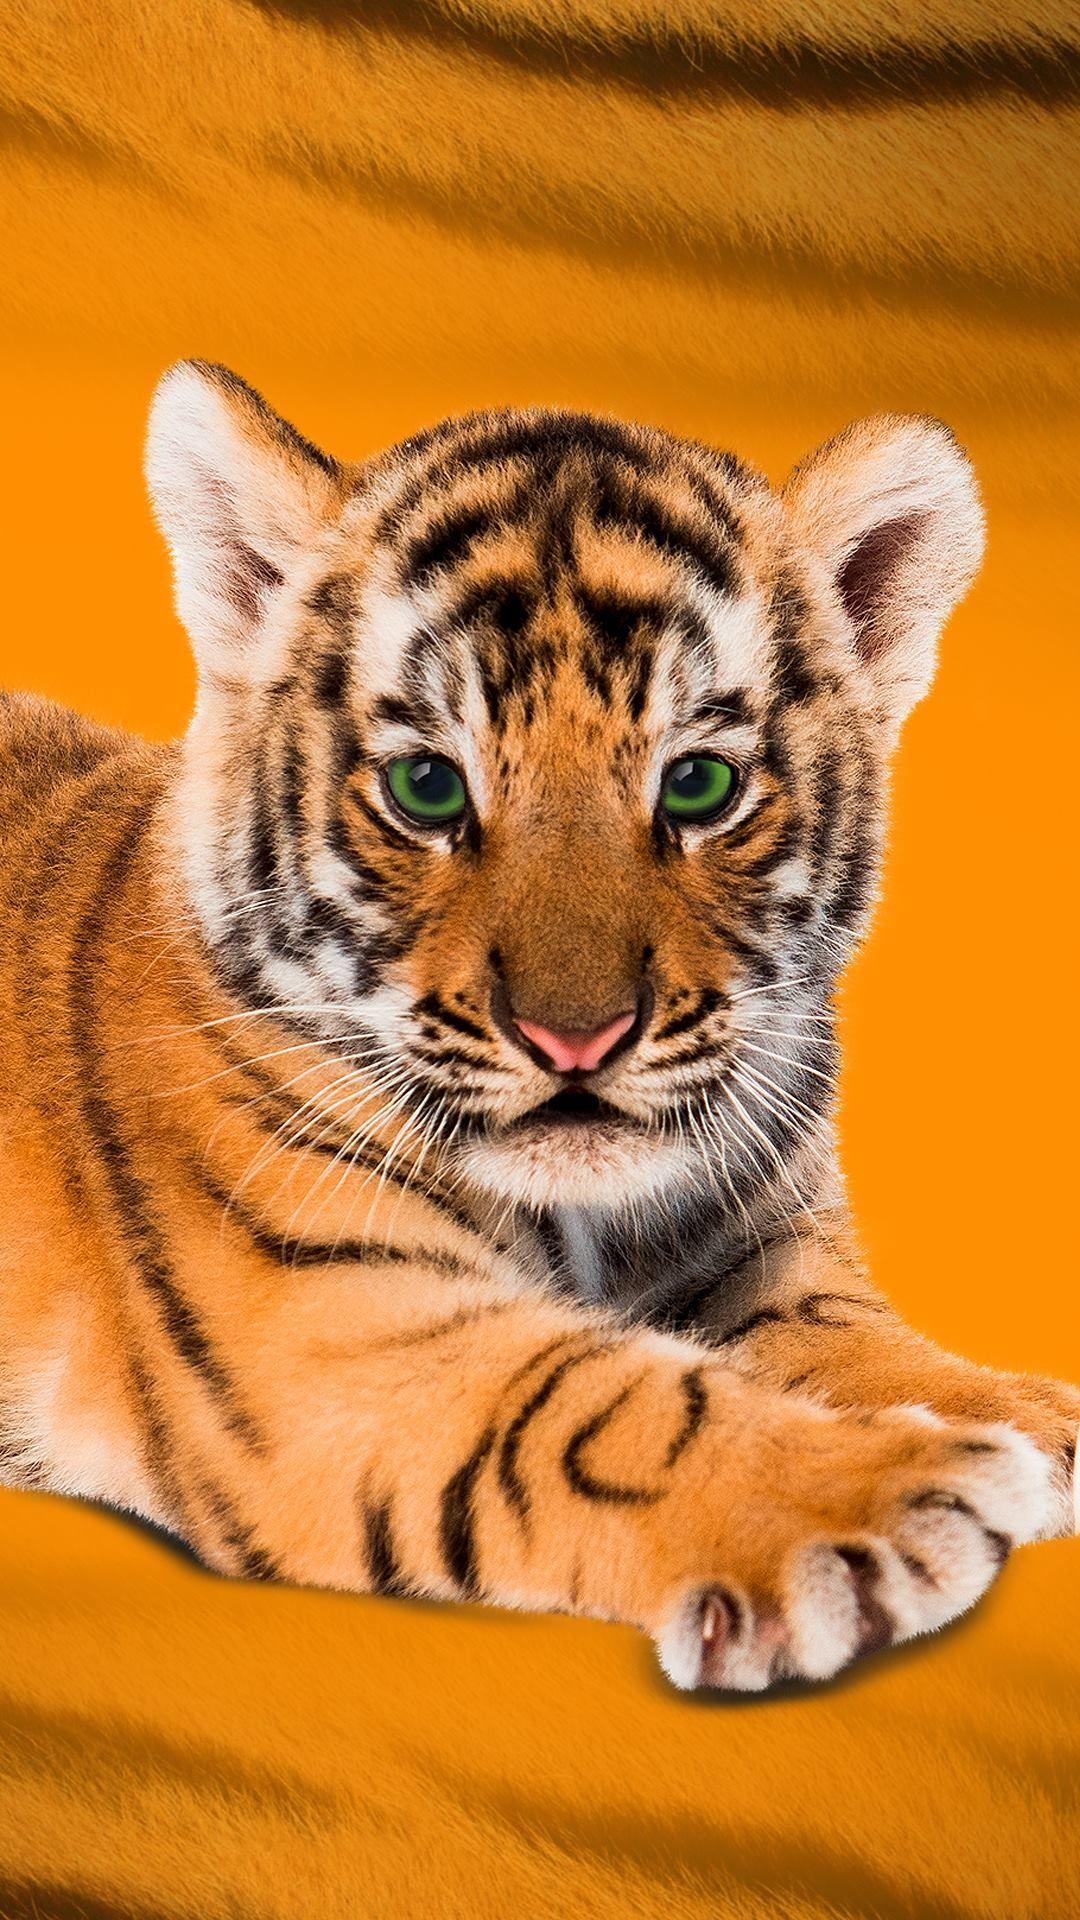 Pin von Shannon auf Tyger Tyger | Pinterest | Babytiger, Tier und ...